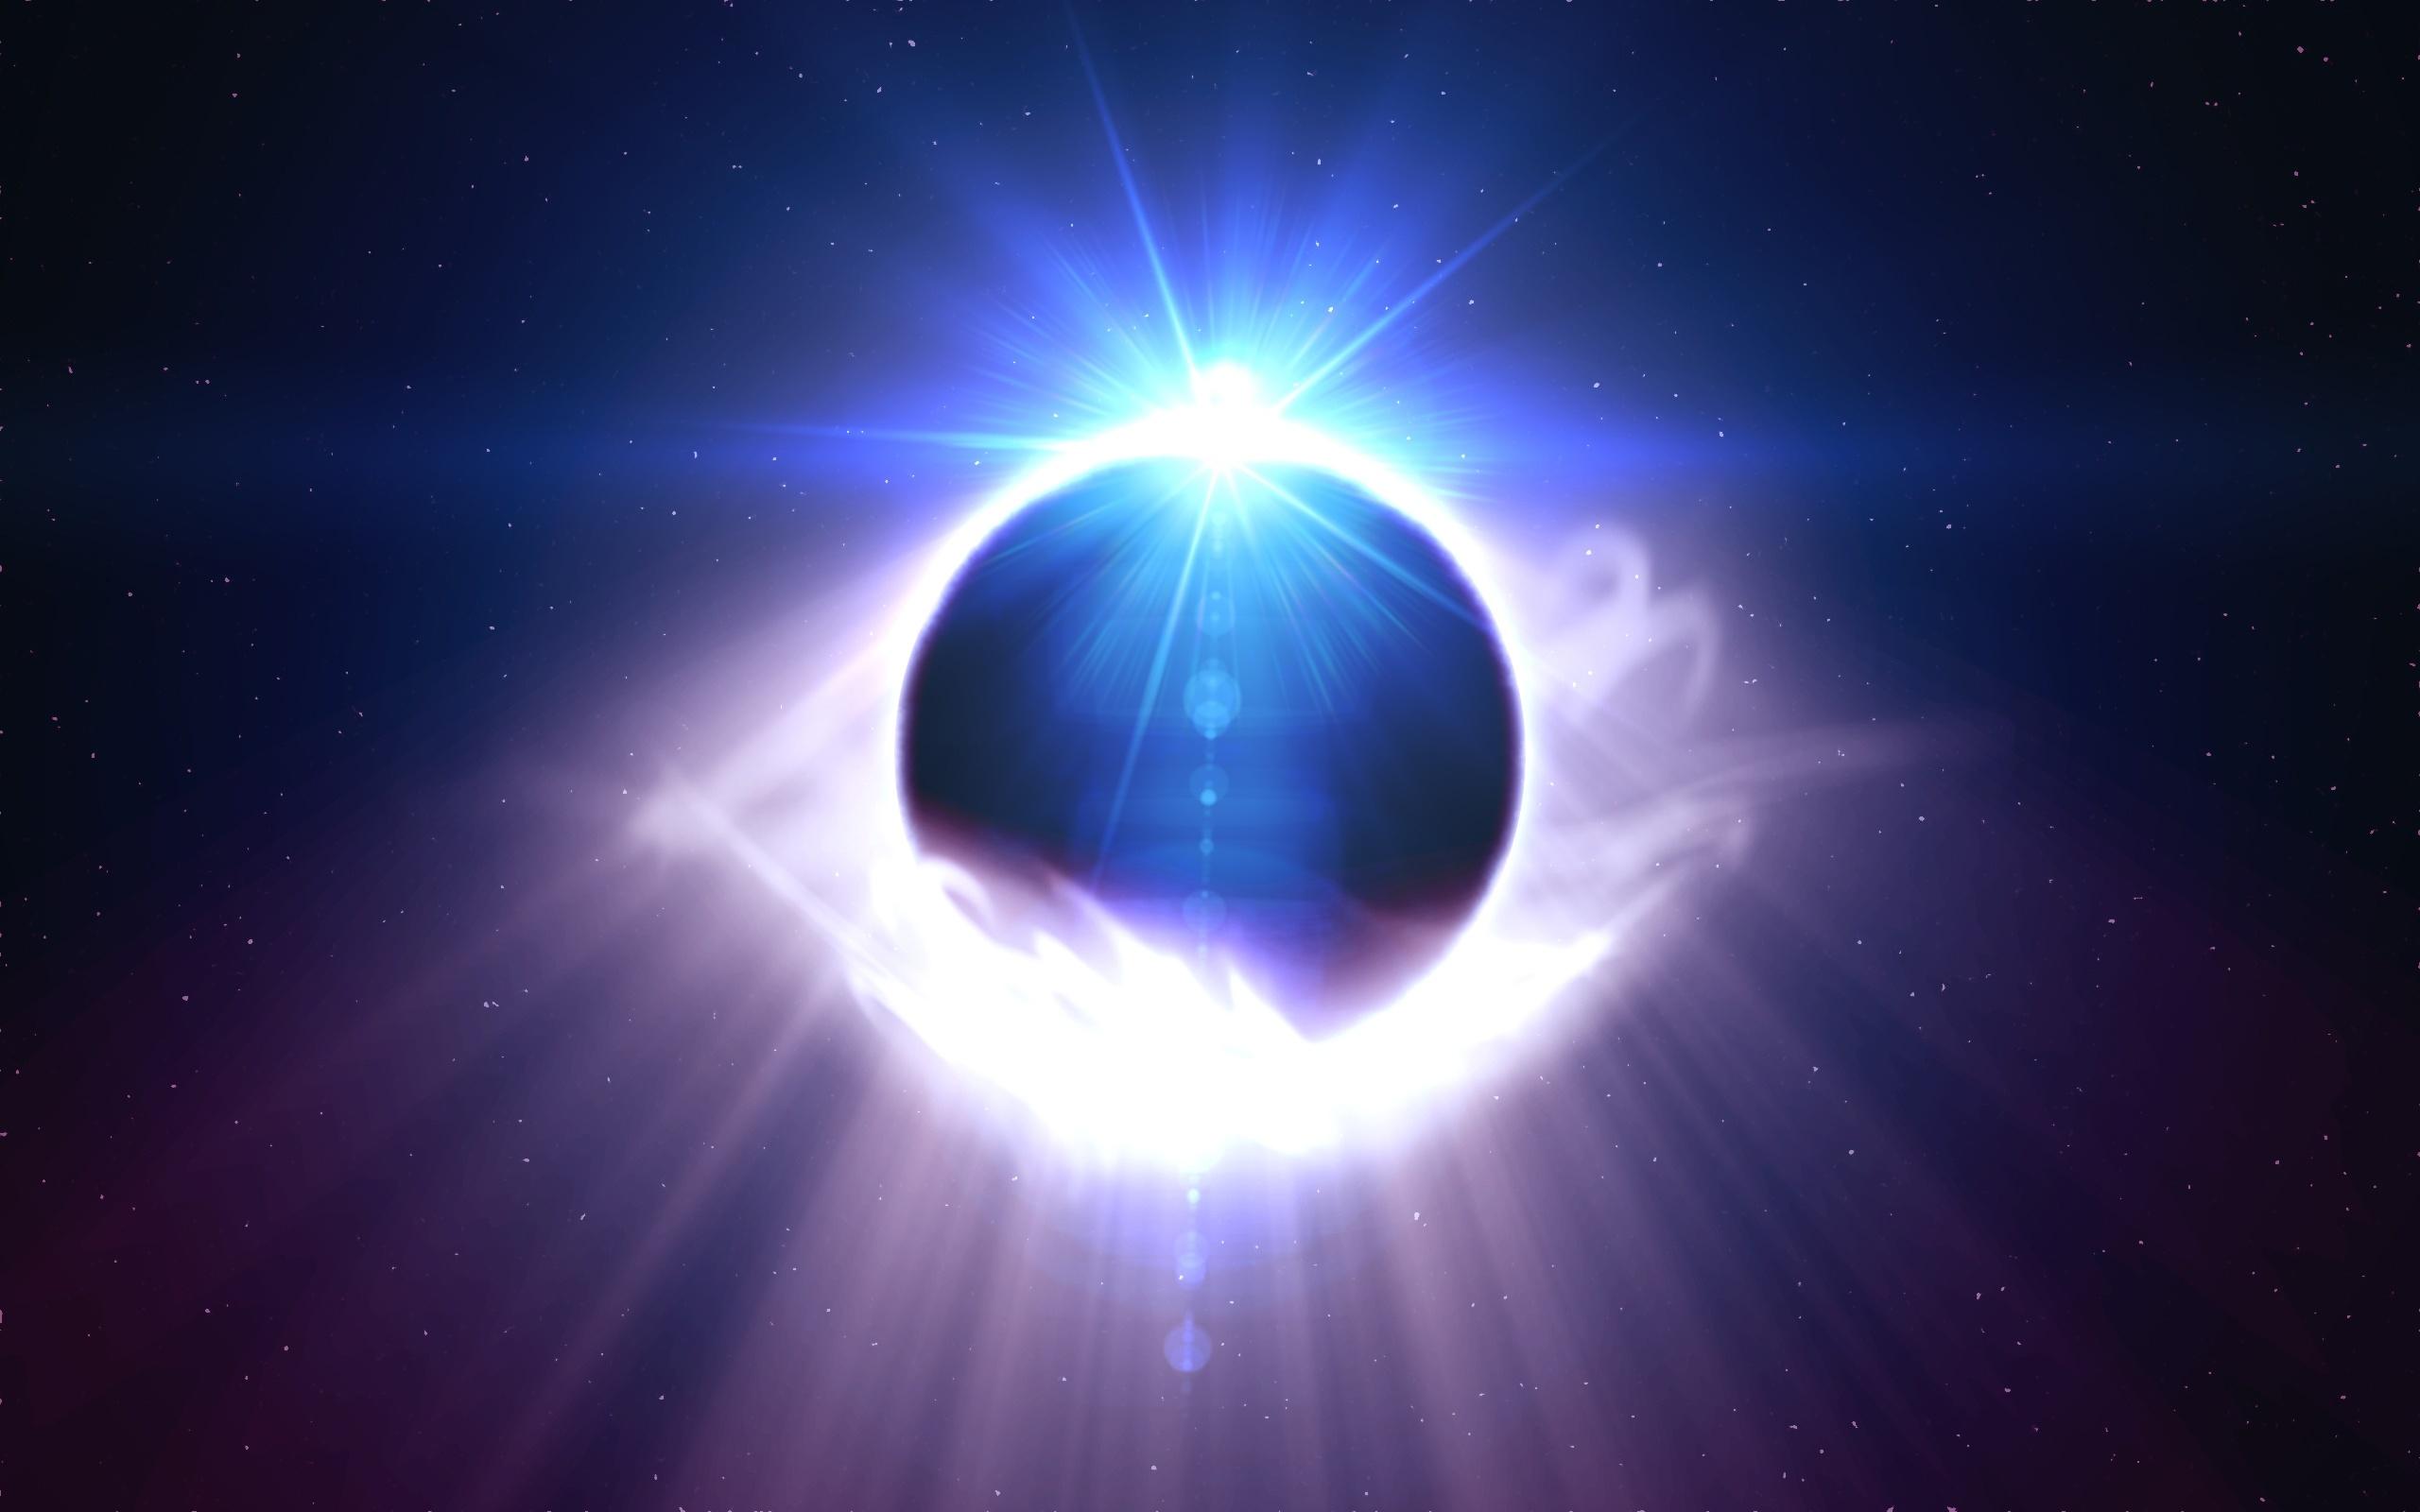 イメージflying_planet_with_energy_in_space-wide